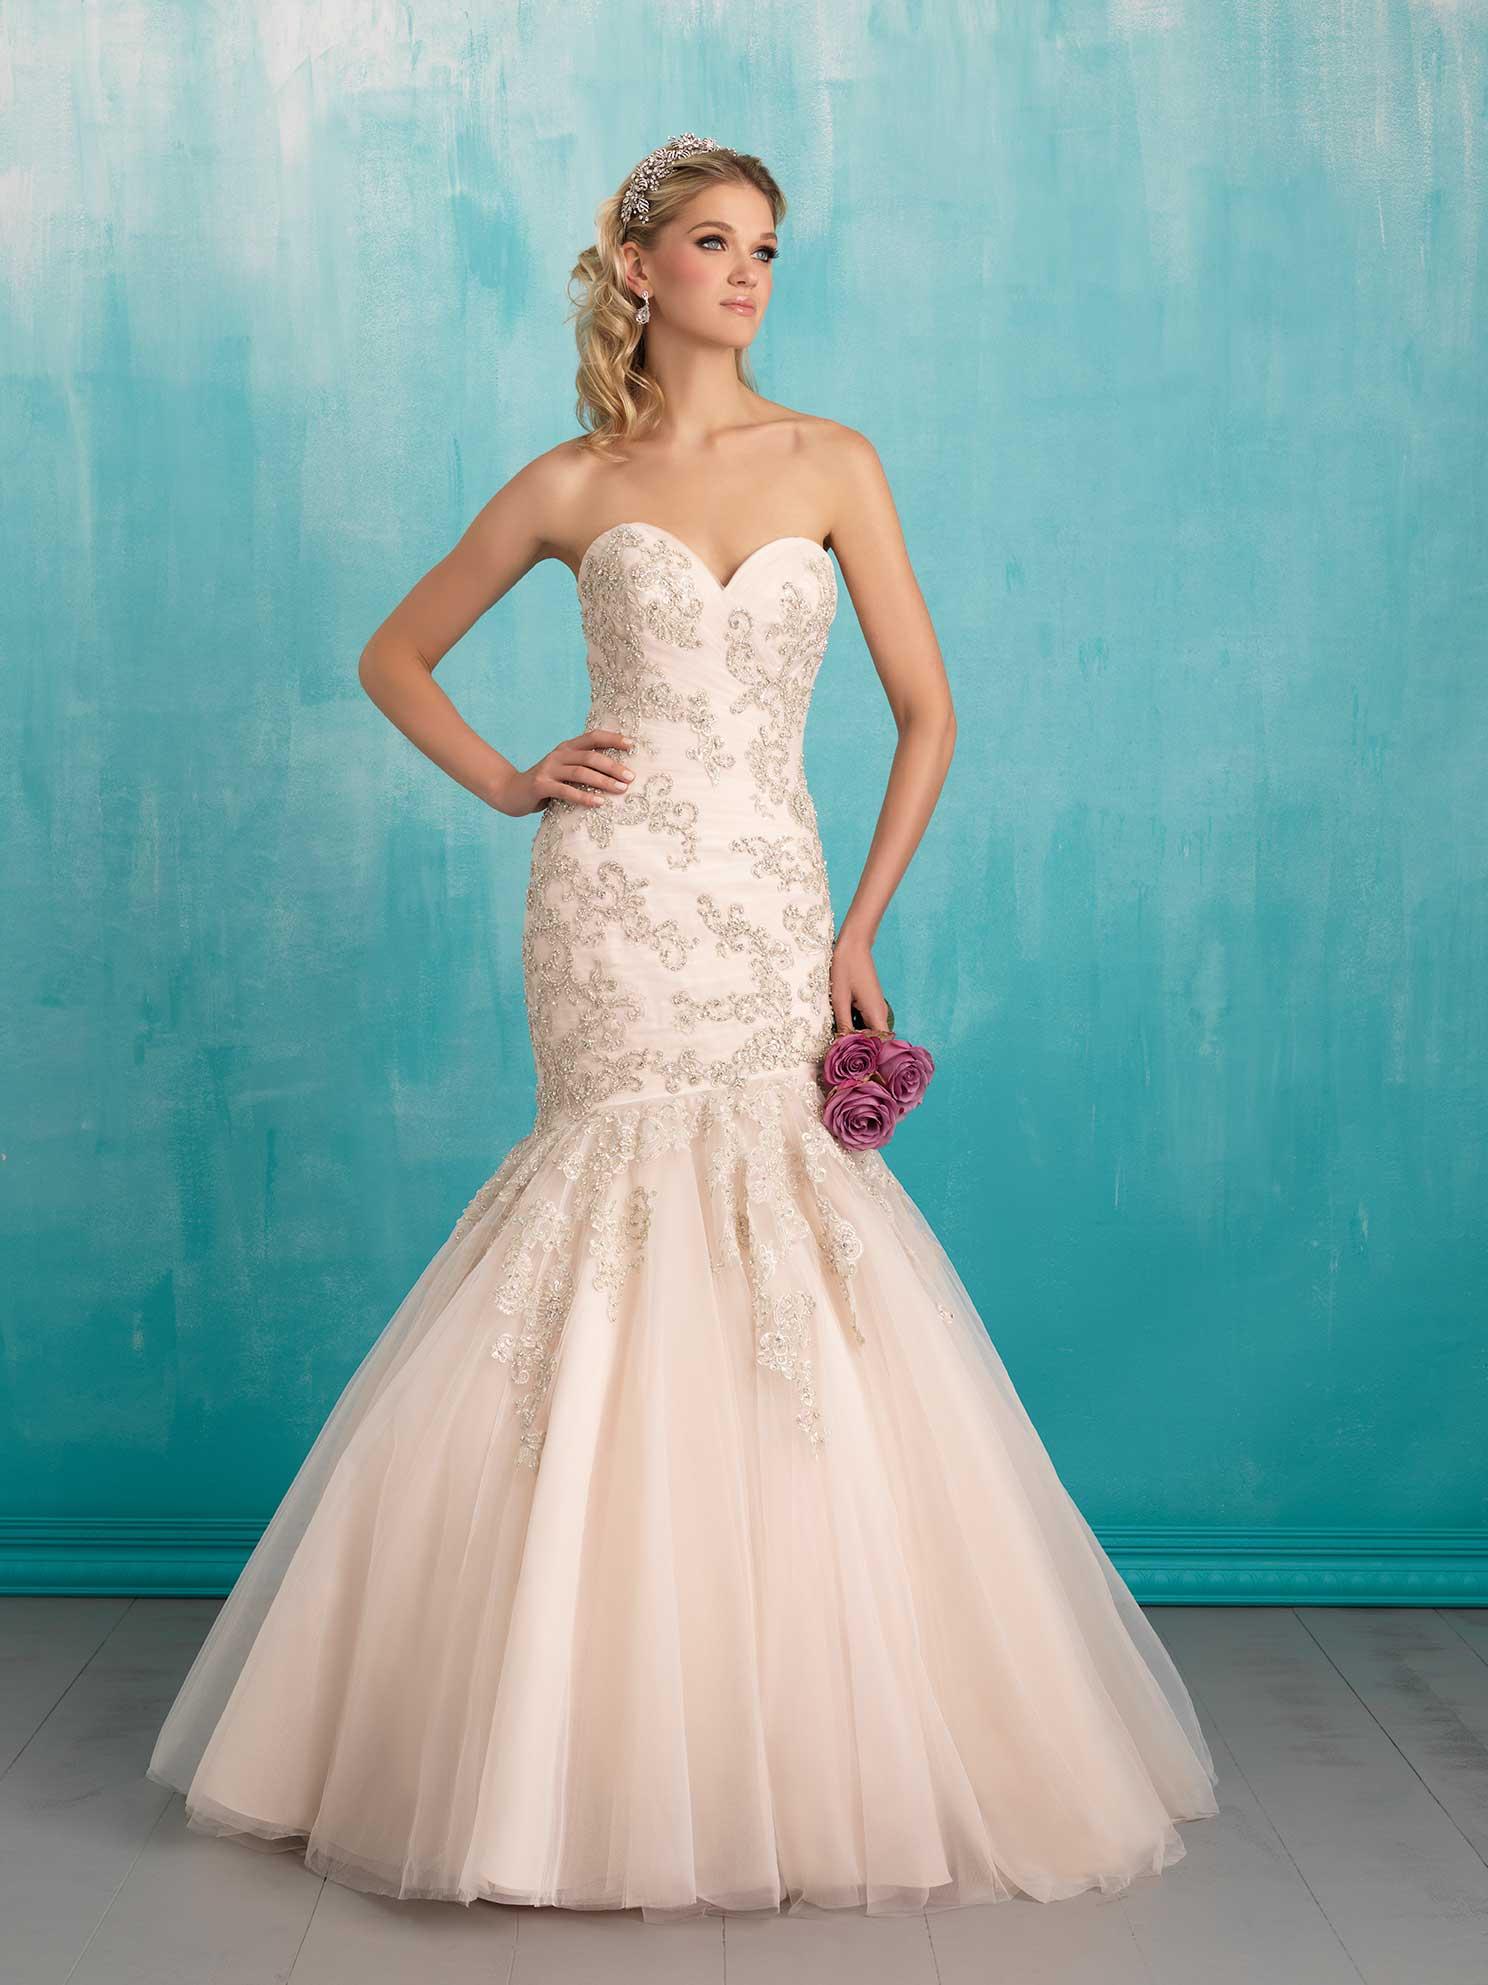 48e85f1dbb84 Designer Allure Bridals SKU 9300 - VeLace Bridal - Wedding Dresses ...